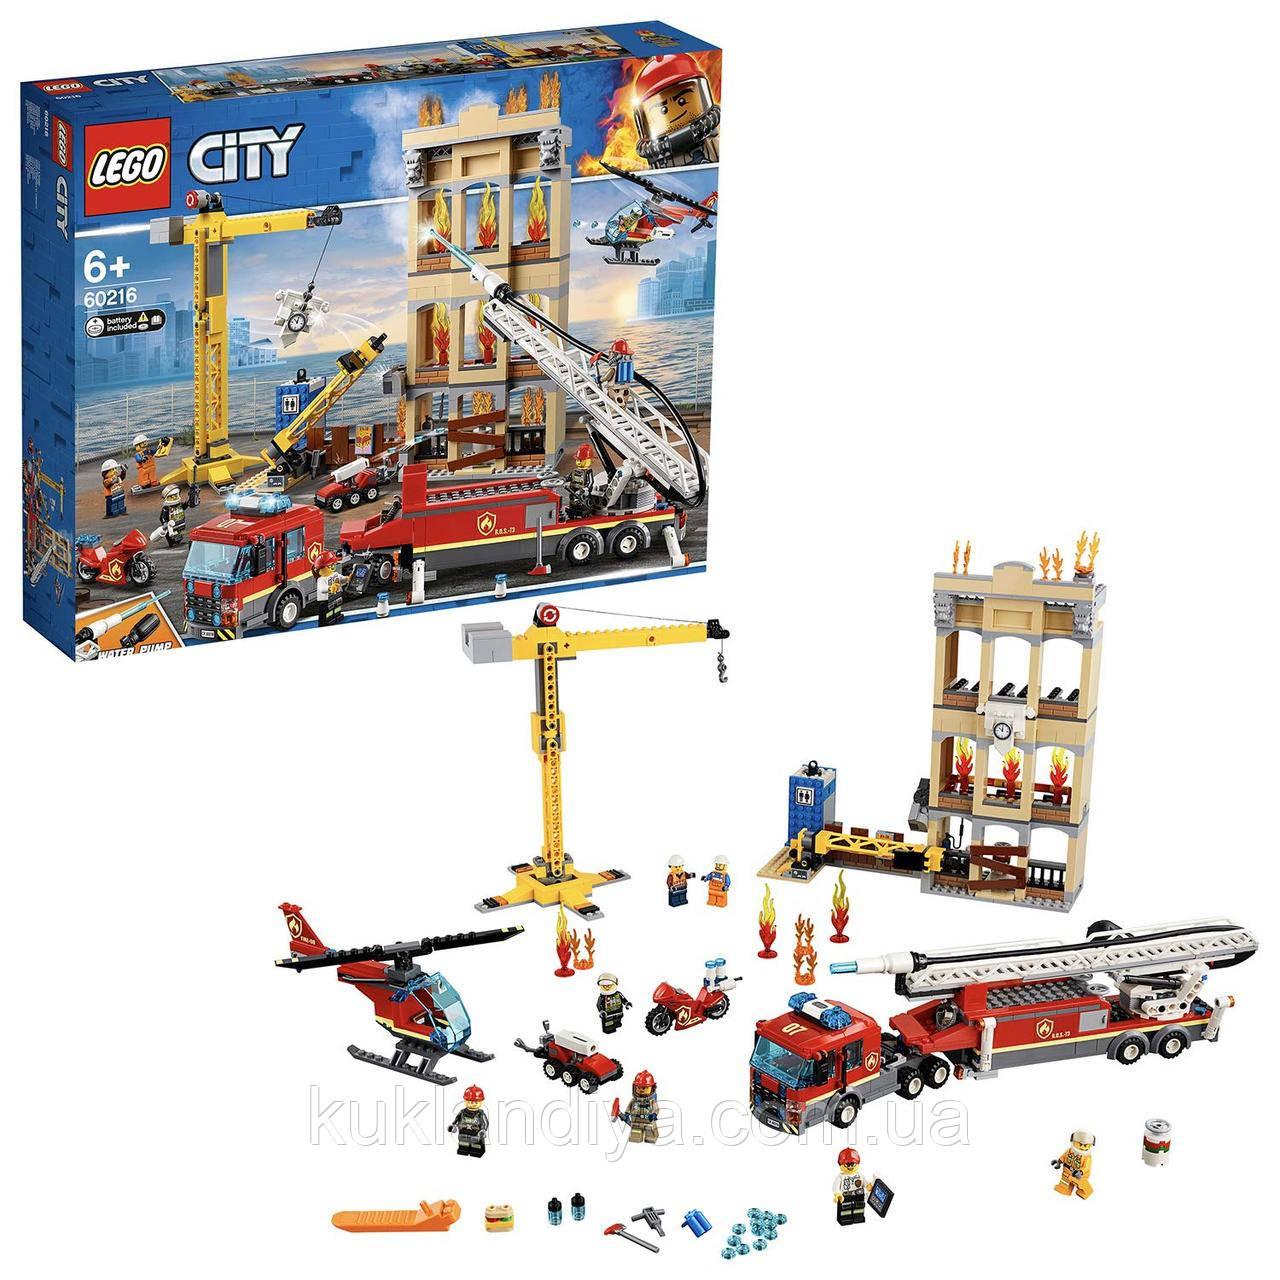 Конструктор Лего 60216 LEGO City Центральная пожарная станция